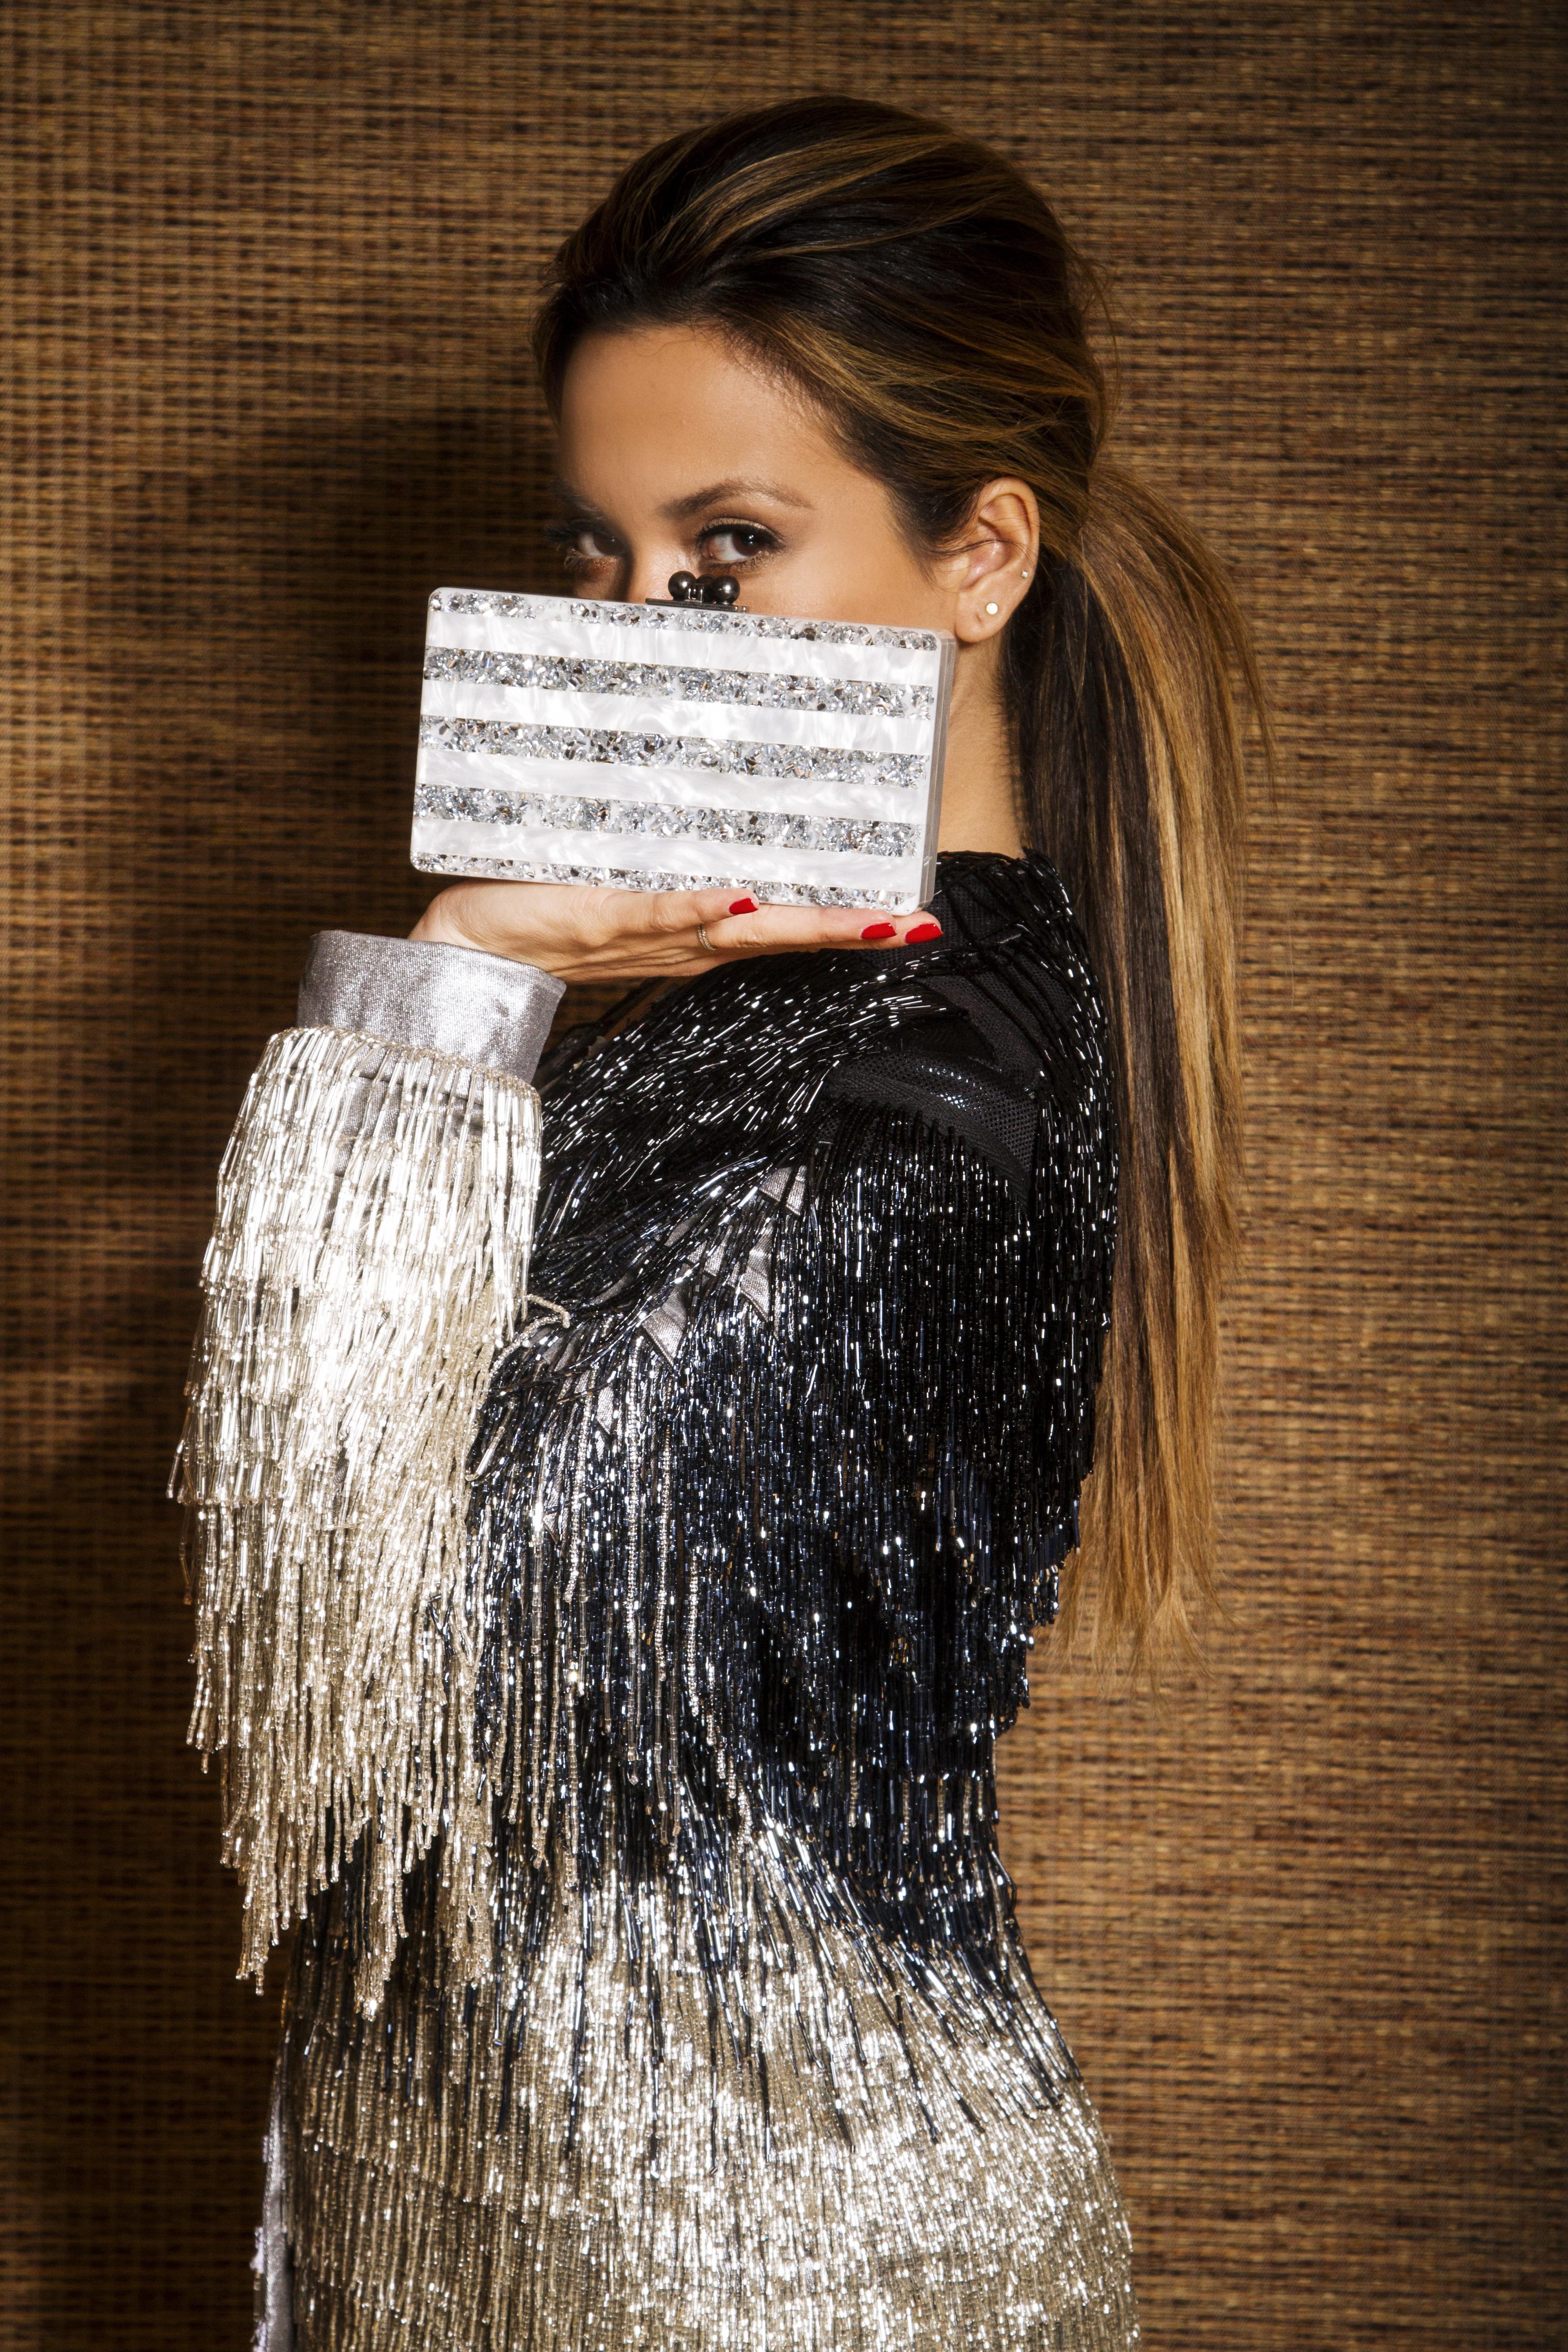 JessiMalay - MyWhiteT - EdieParker - clutch - fringecoat - fringejacket - sequins - shimmer - beadedcoat - ponytail - fashion - fashionblogger - style - ootd - NYElooks - NYE - NYE2013